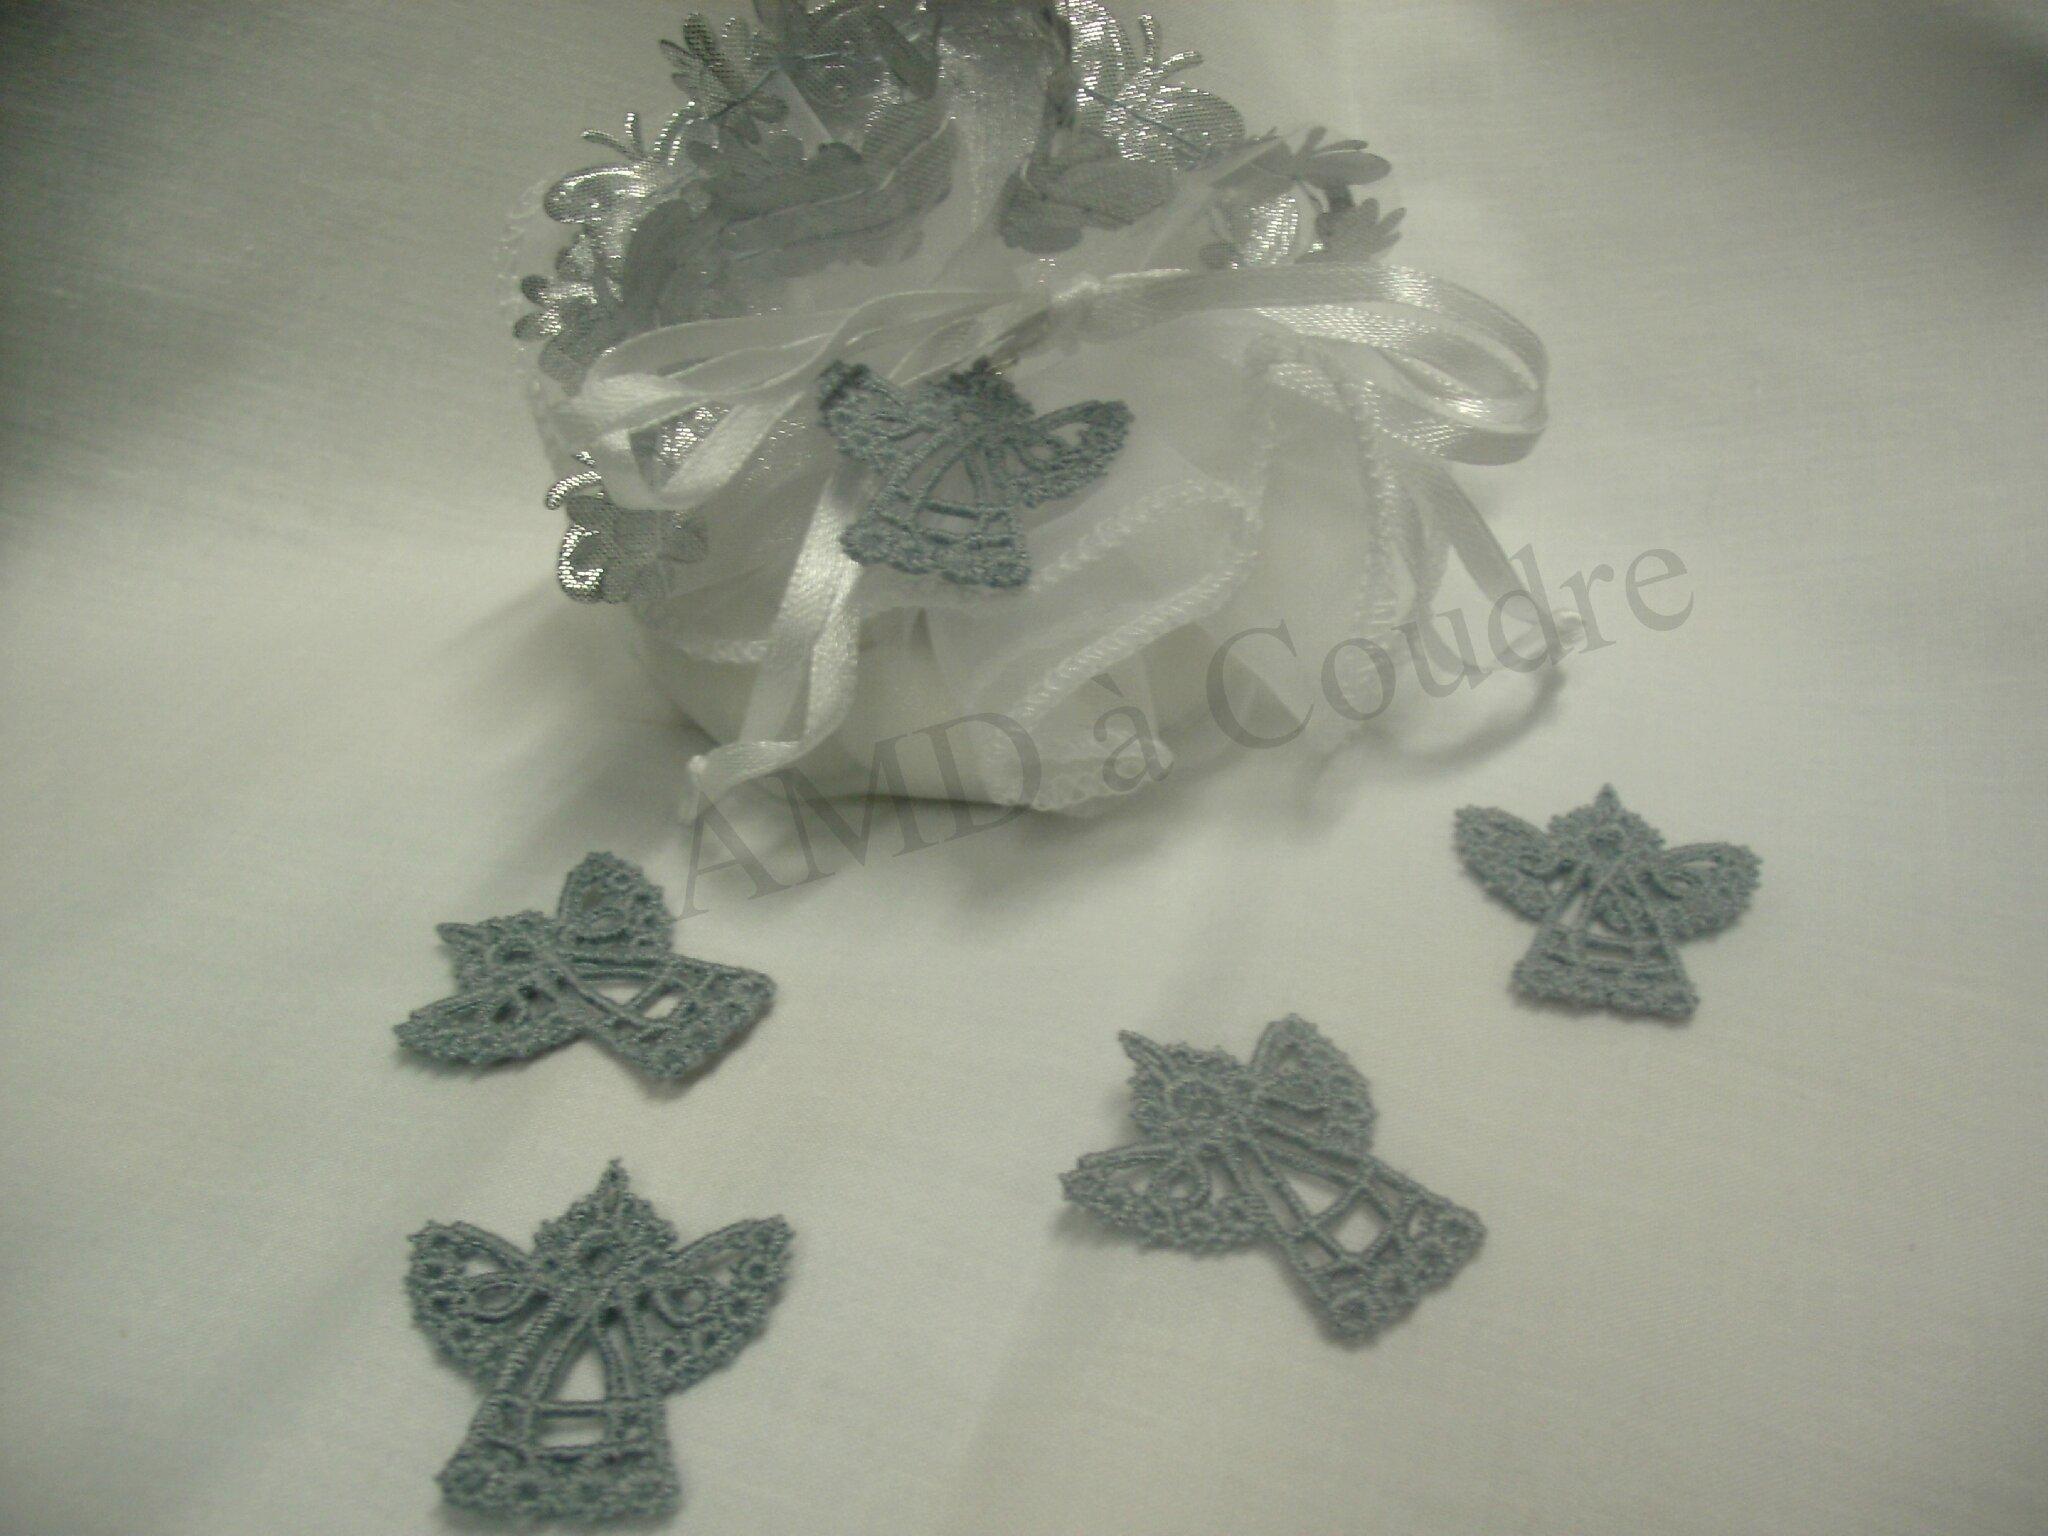 breloques charms pour sujet dragées amd a coudre (4)